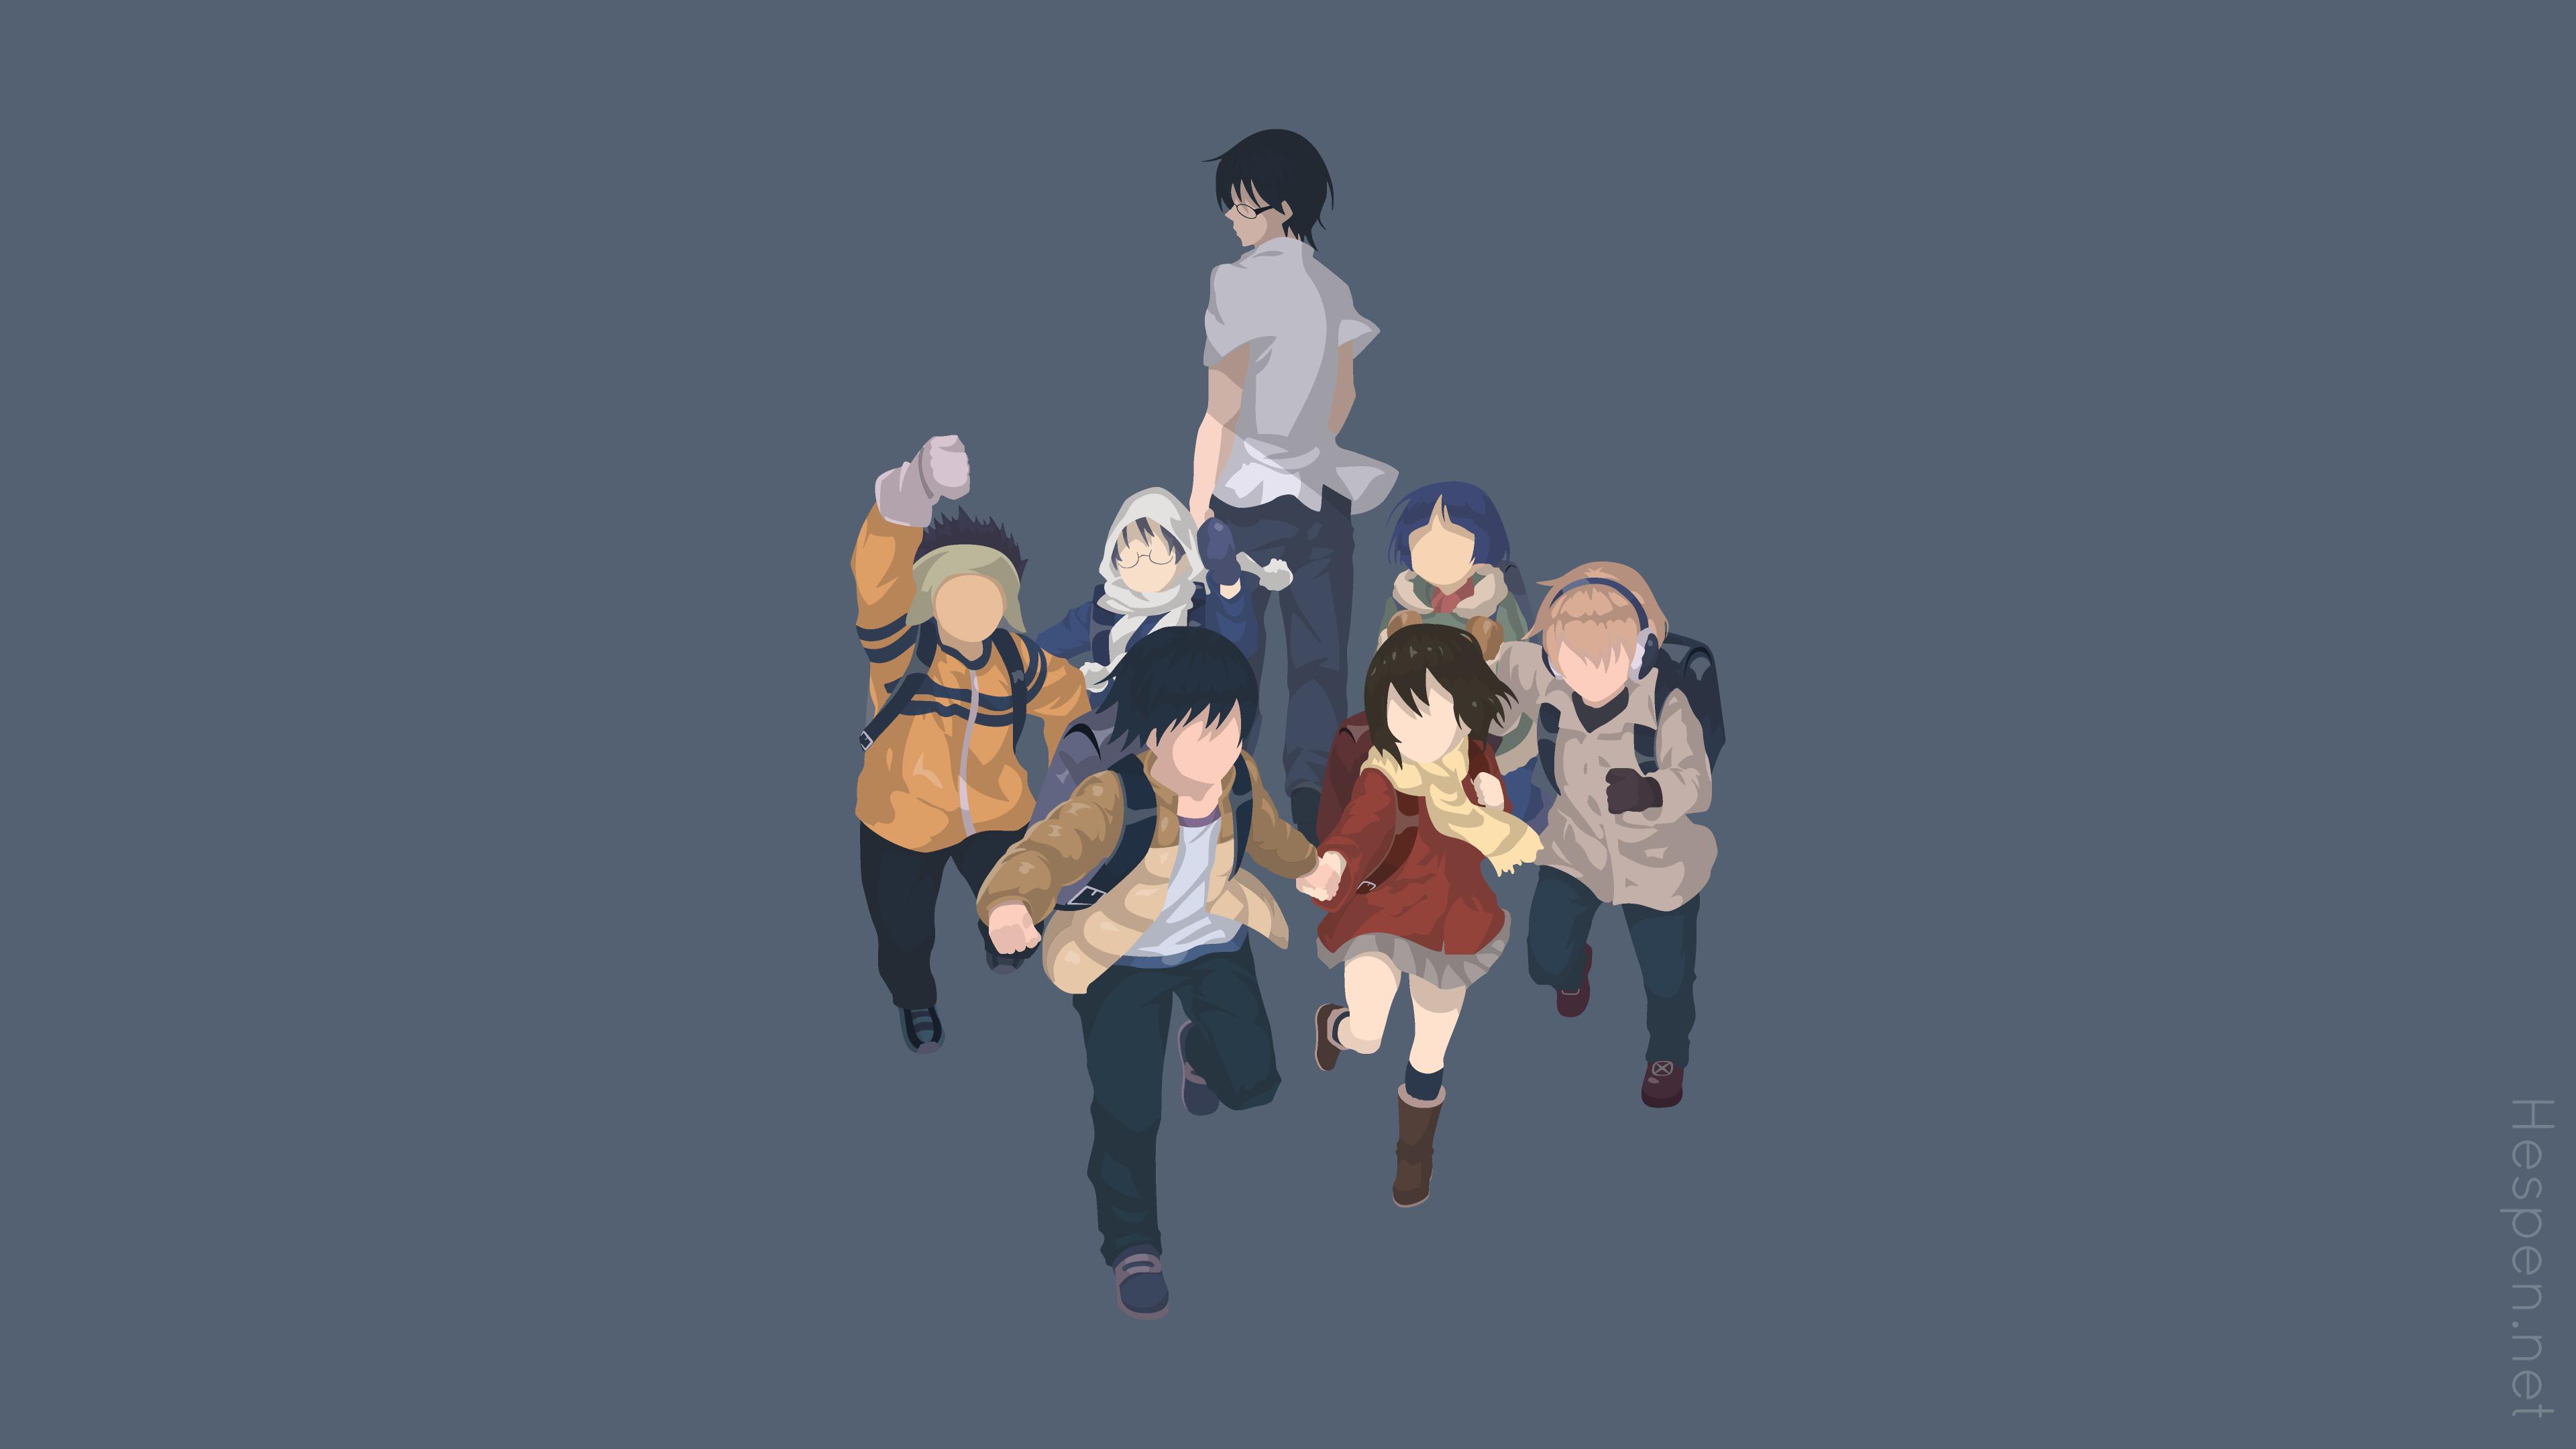 Image Result For Anime Wallpaper Desktopa